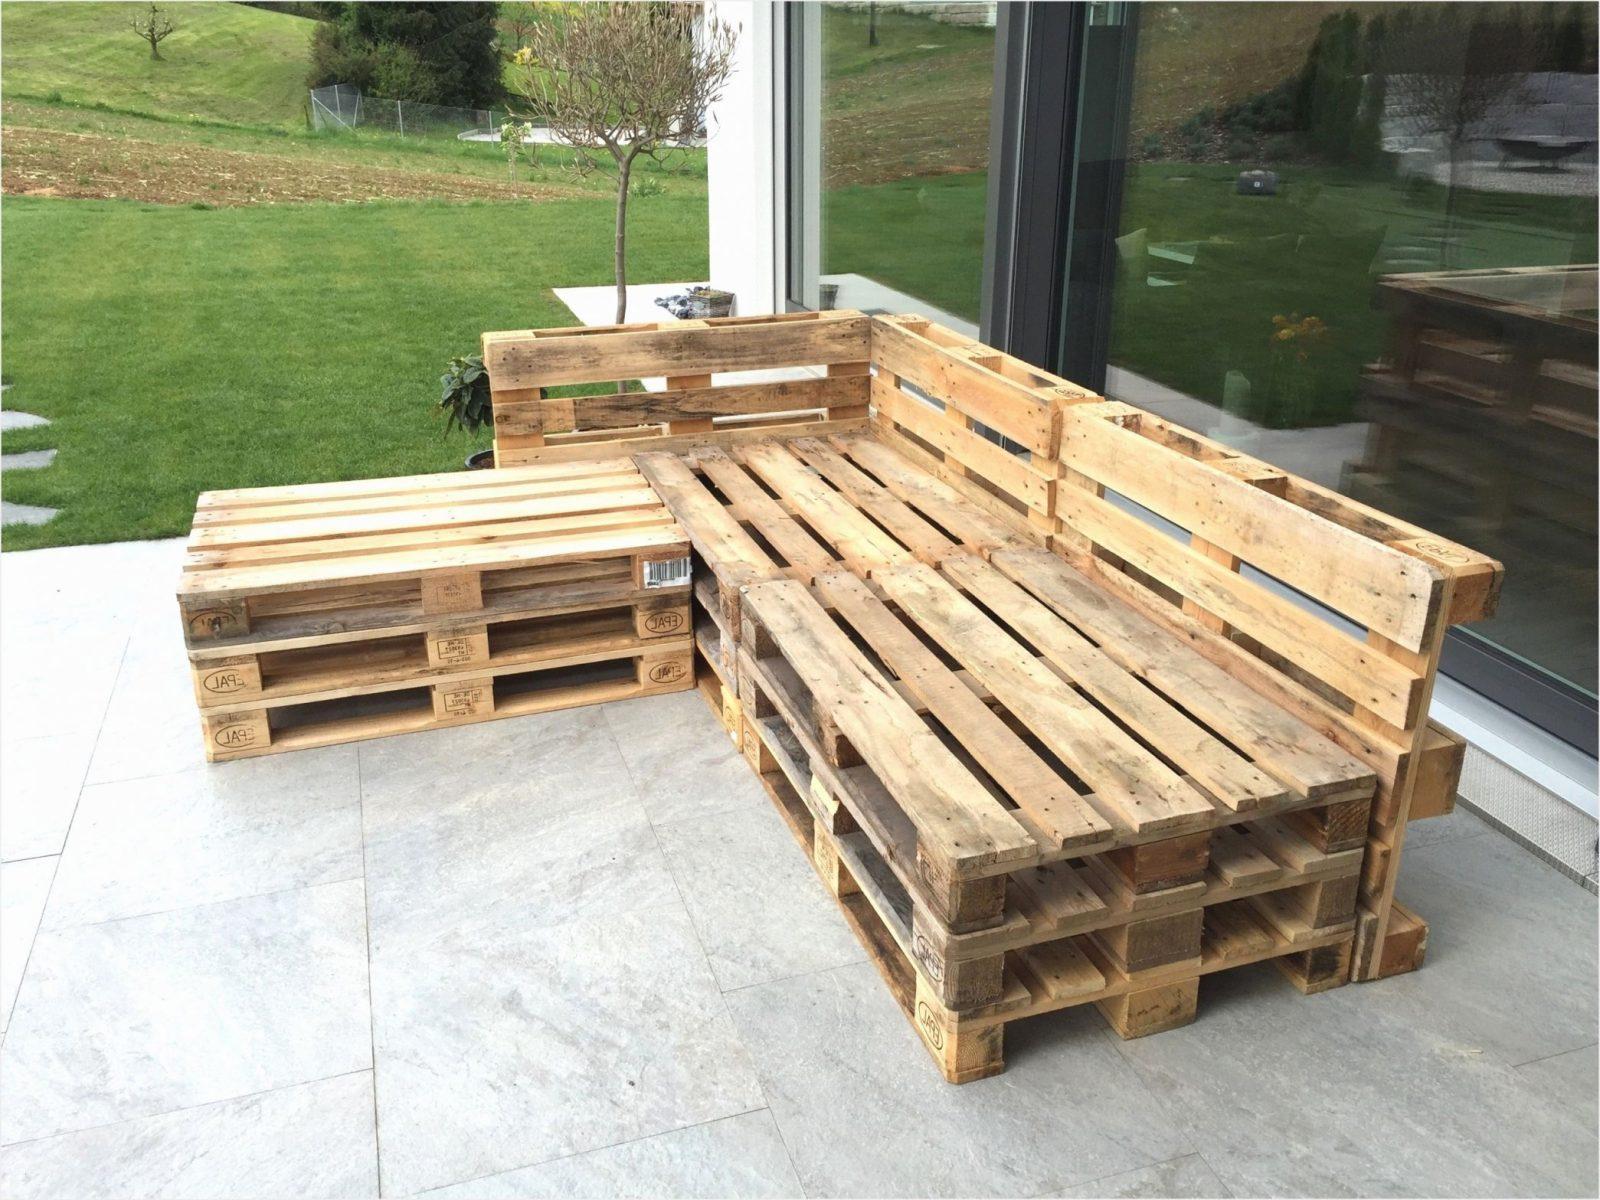 Bauholz Möbel Selber Bauen Das Beste Von Einmalig Katzenmöbel Selber von Bauholz Möbel Selber Machen Bild